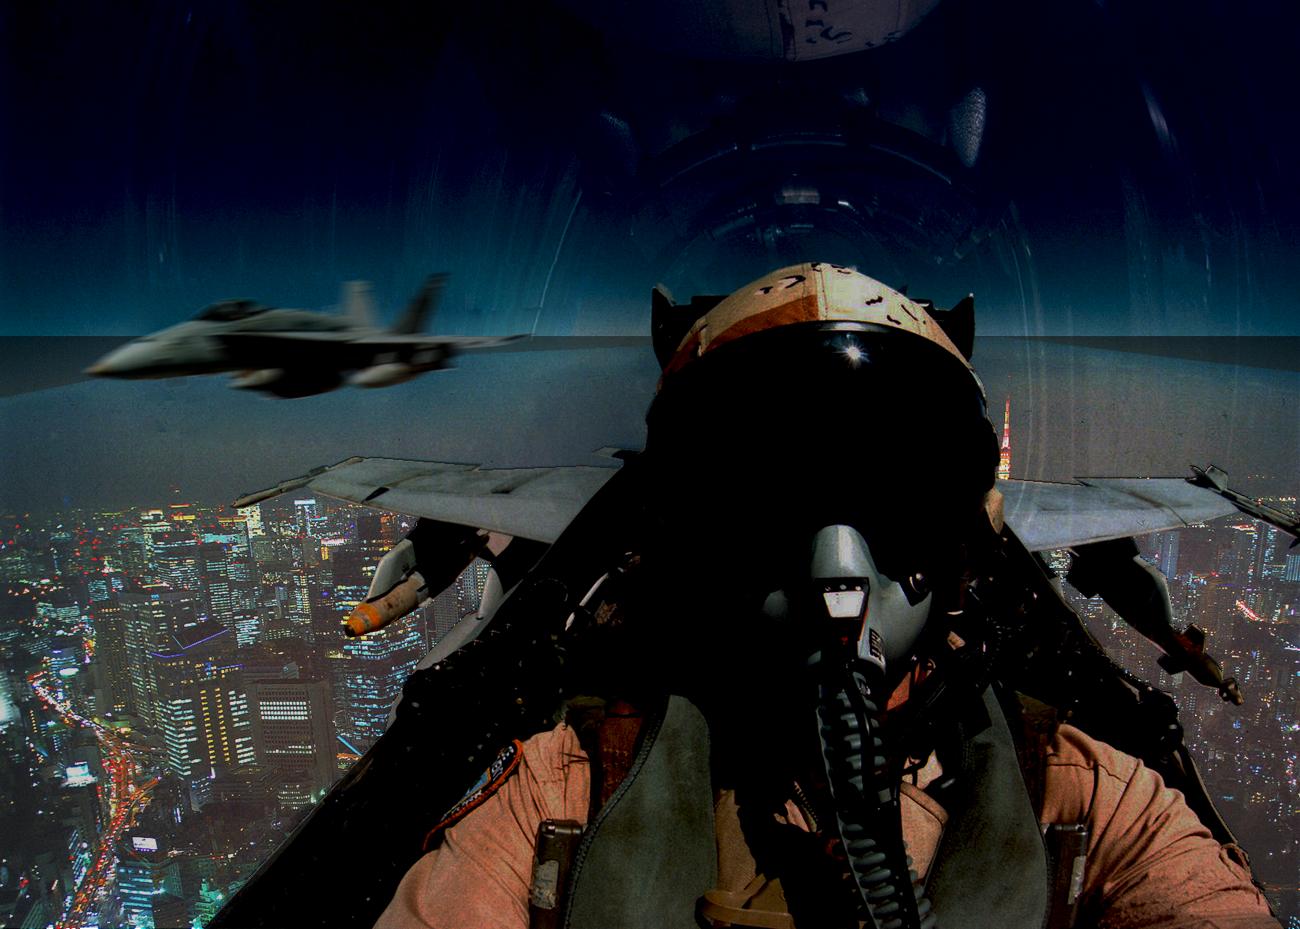 東京上空を飛ぶ在日米軍FA-18_スーパーホーネット